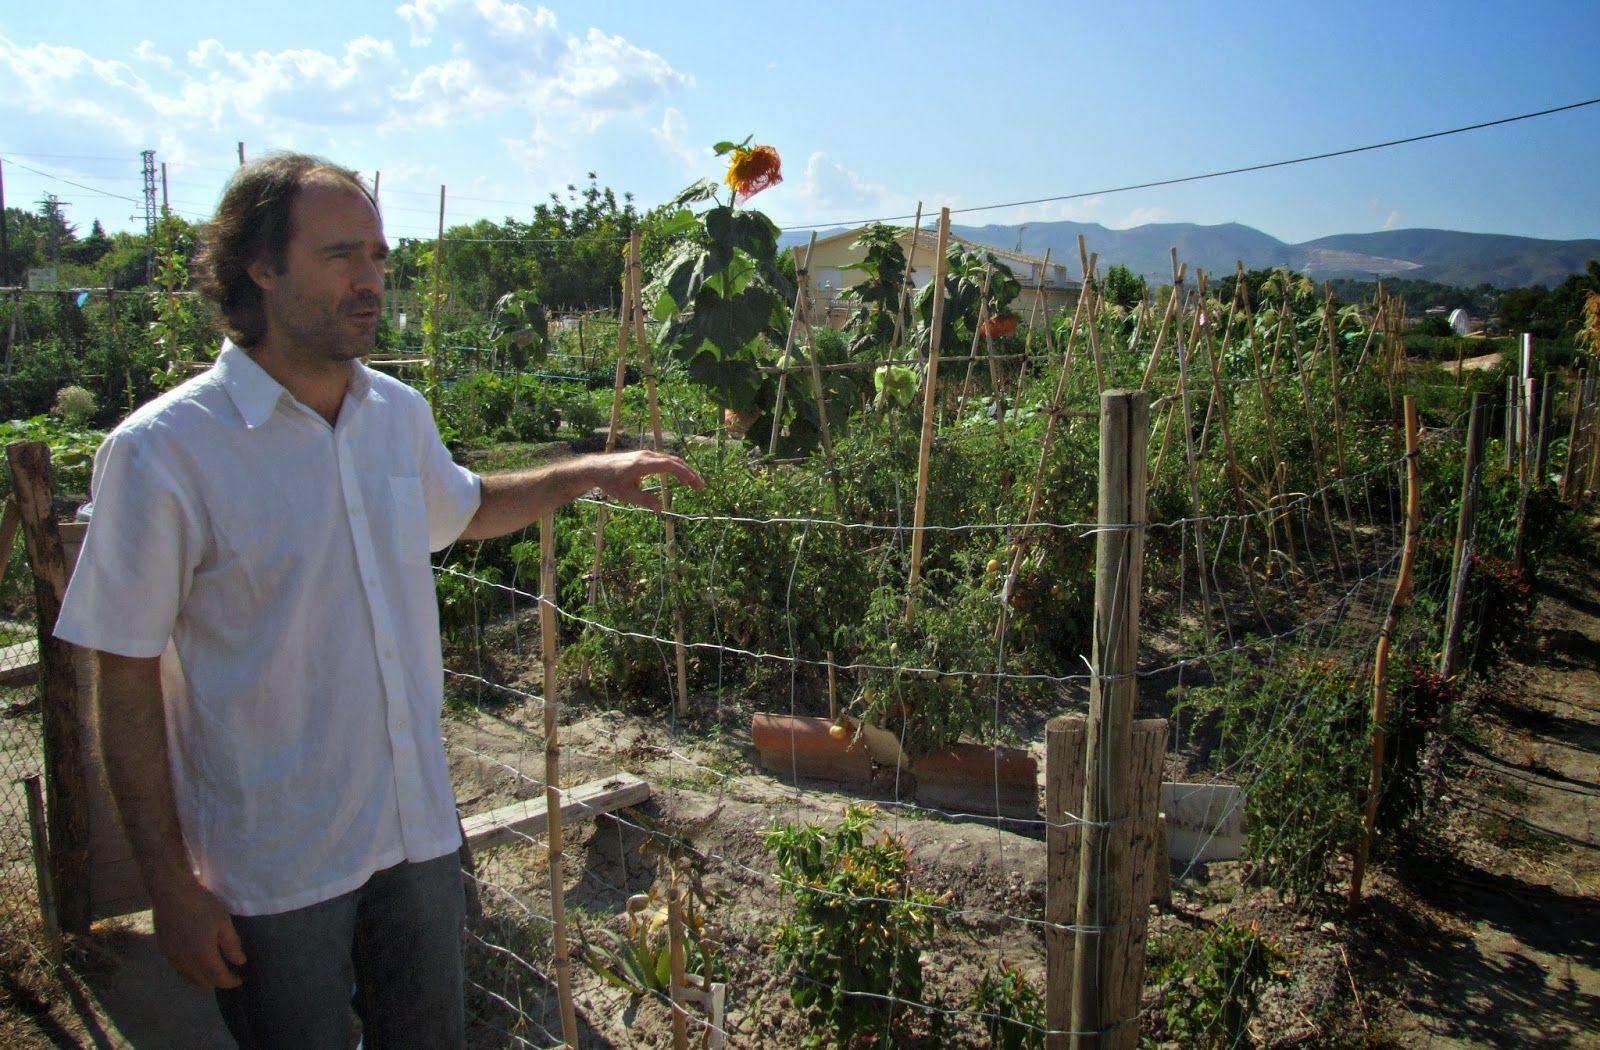 DIARIO DIGITAL D'ONTINYENT: El Regidor de Sostenibilitat anima a participar en...